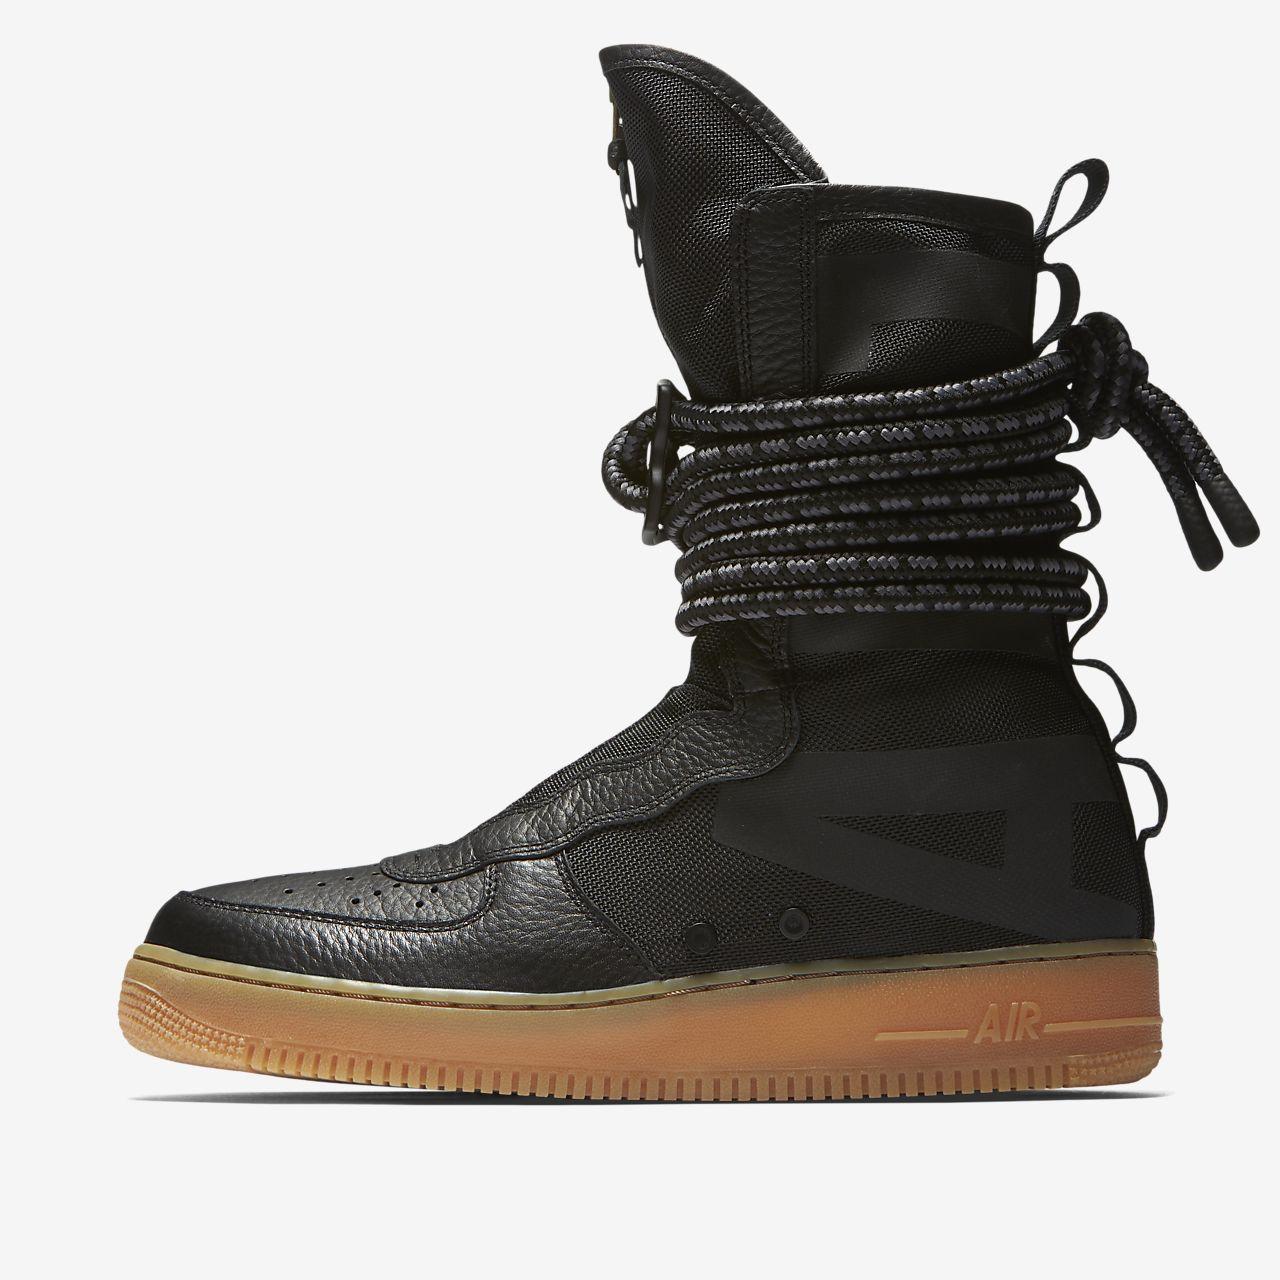 Nike SF Air Force 1 Hi boot sneakers pFoJpuk